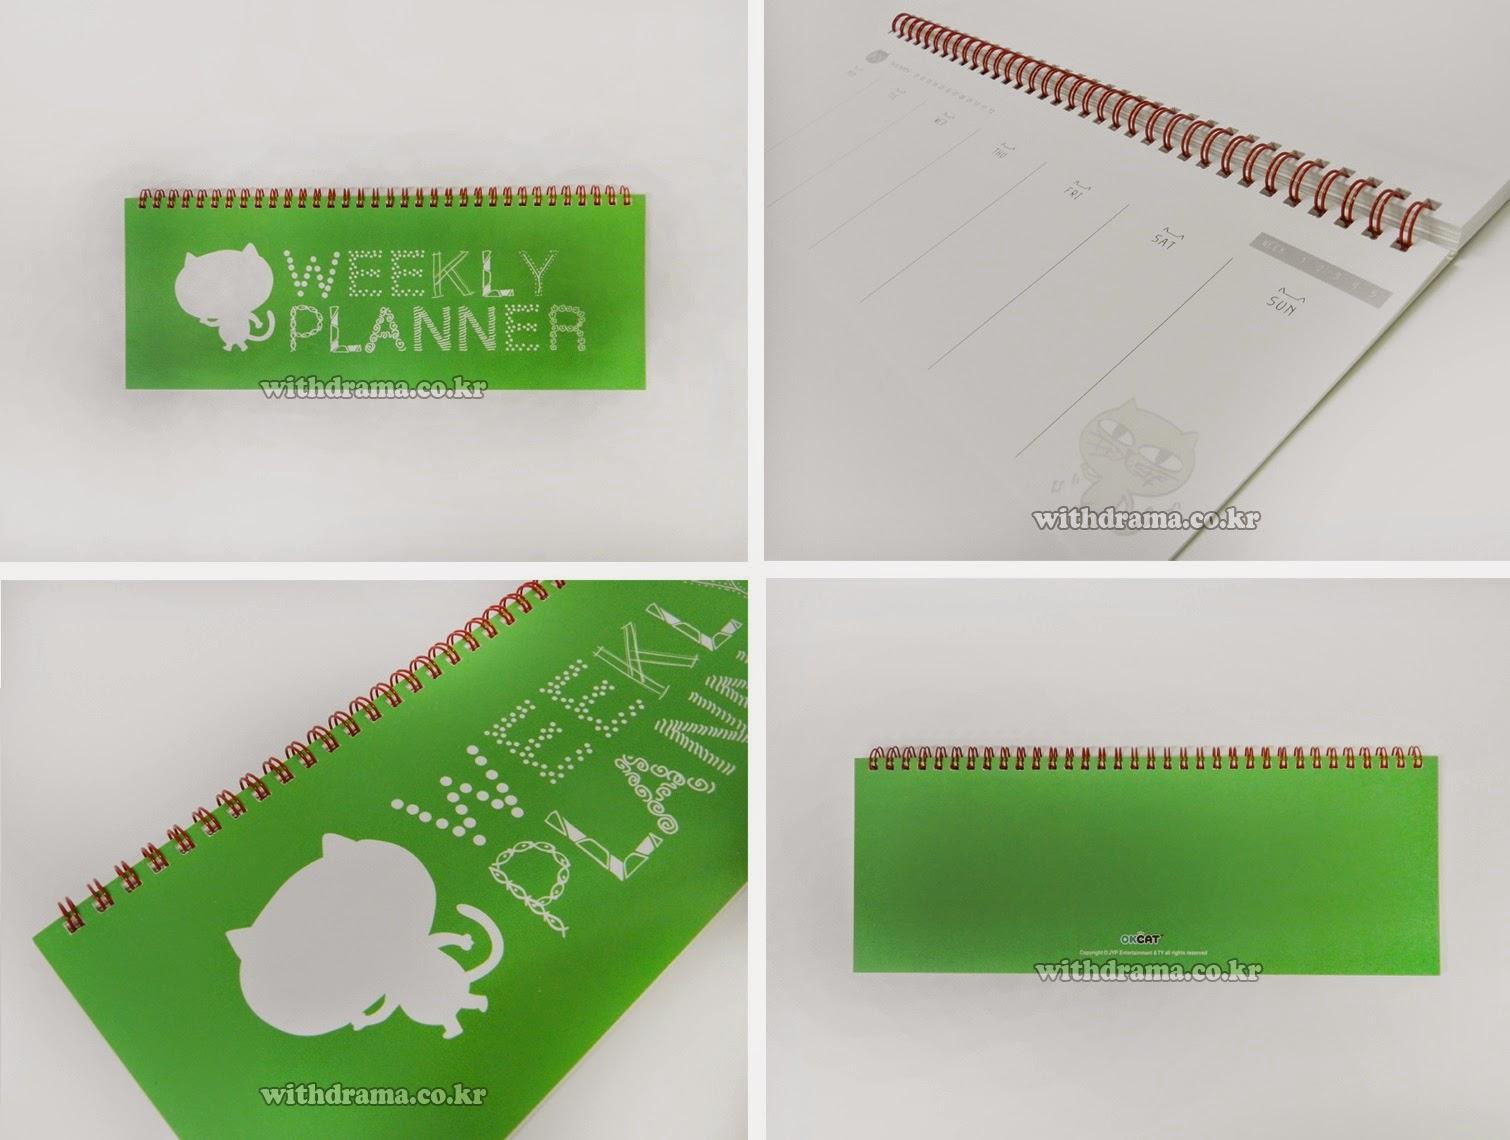 kedai kpop my   merchandise  okcat weekly planner